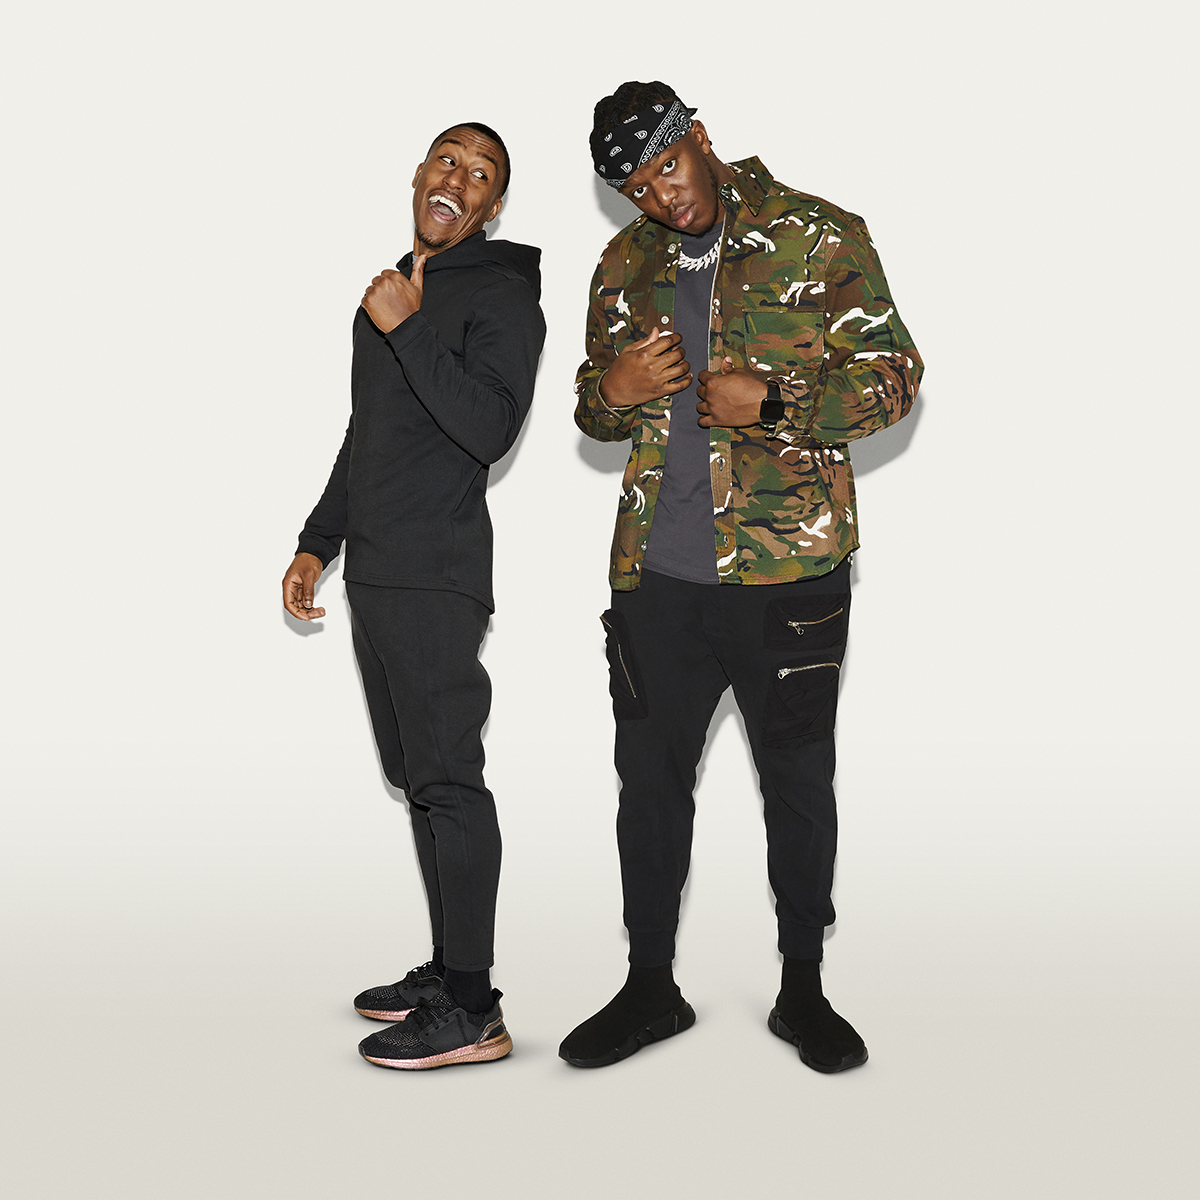 KSI and Yung Filly (credit: Henry J Kamara)